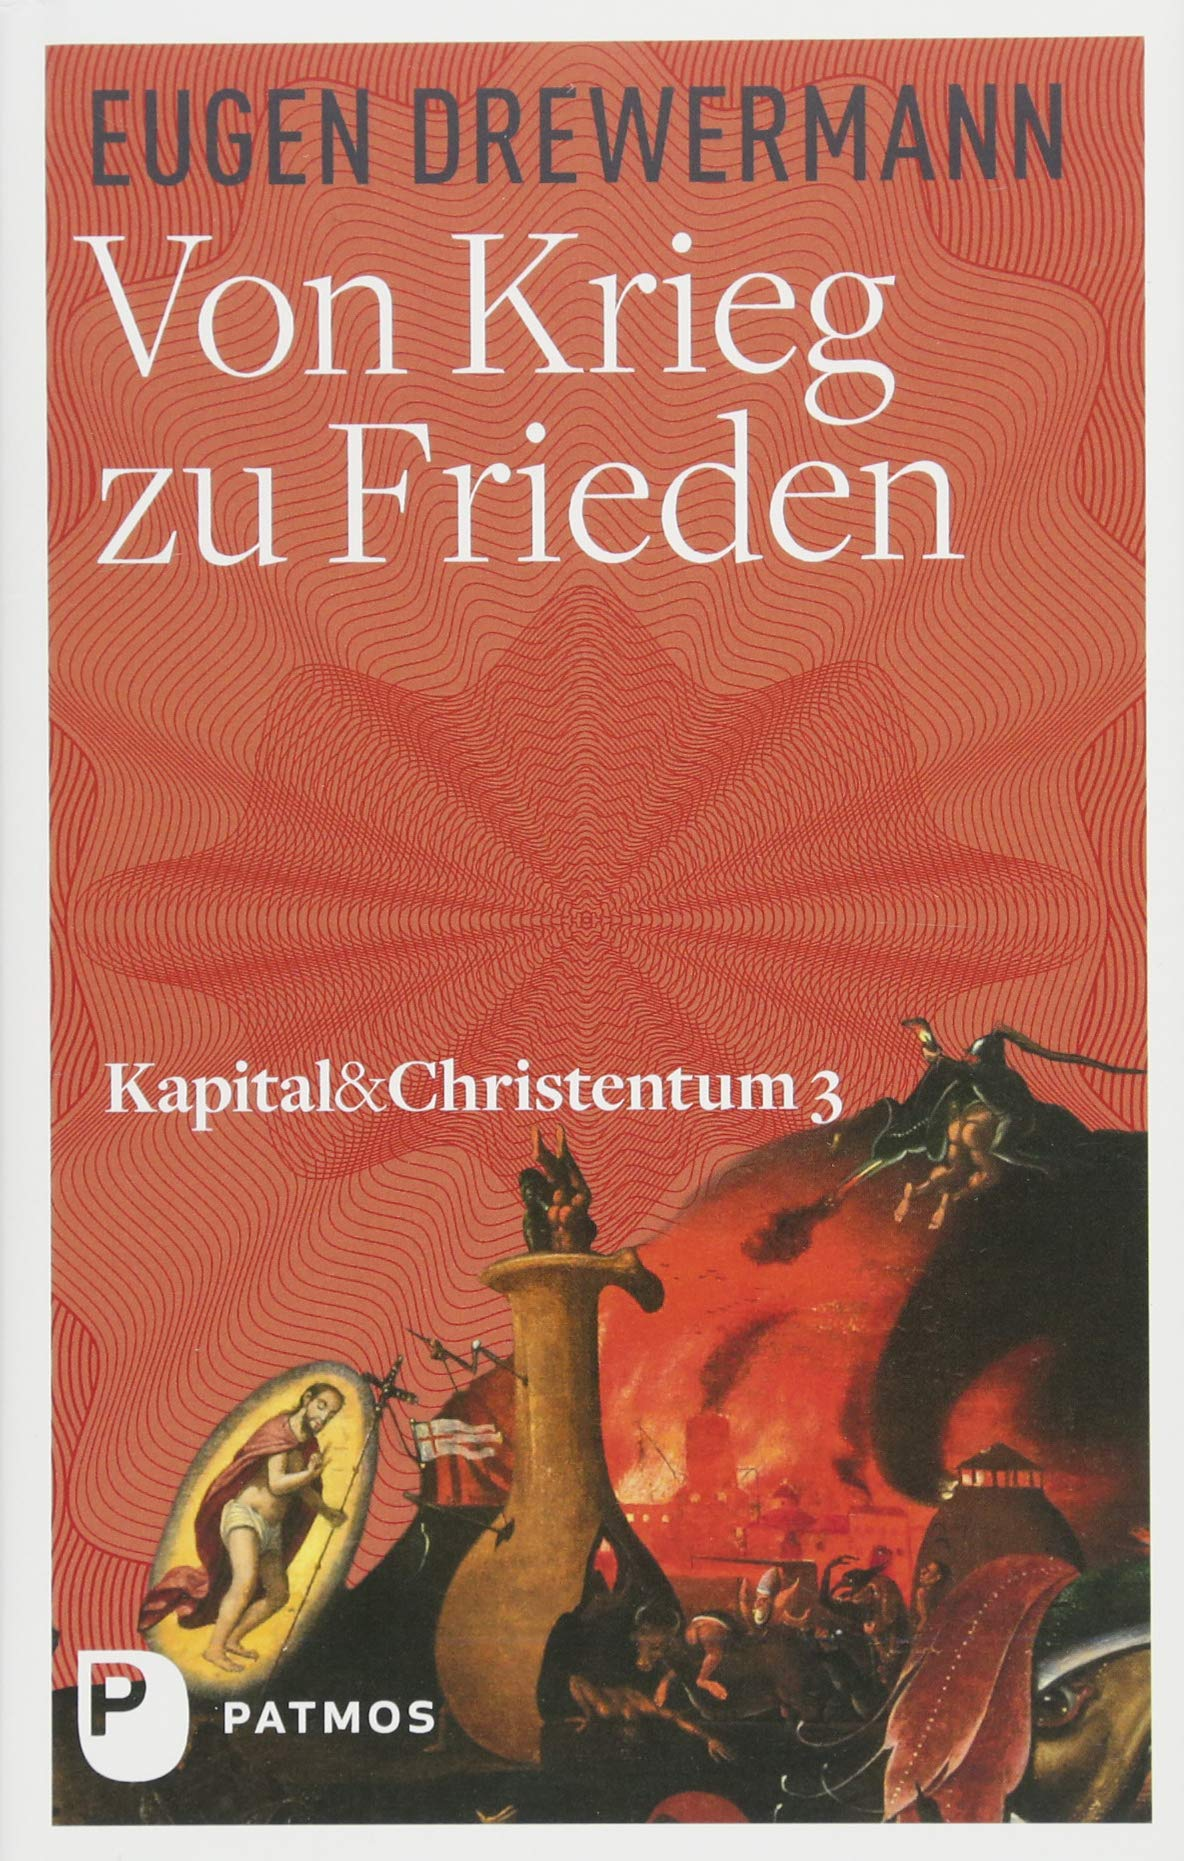 Kapital & Christentum / Von Krieg zu Frieden: Kapital und Christentum Band 3 Gebundenes Buch – 30. Oktober 2017 Eugen Drewermann Patmos Verlag 3843610096 Ethik